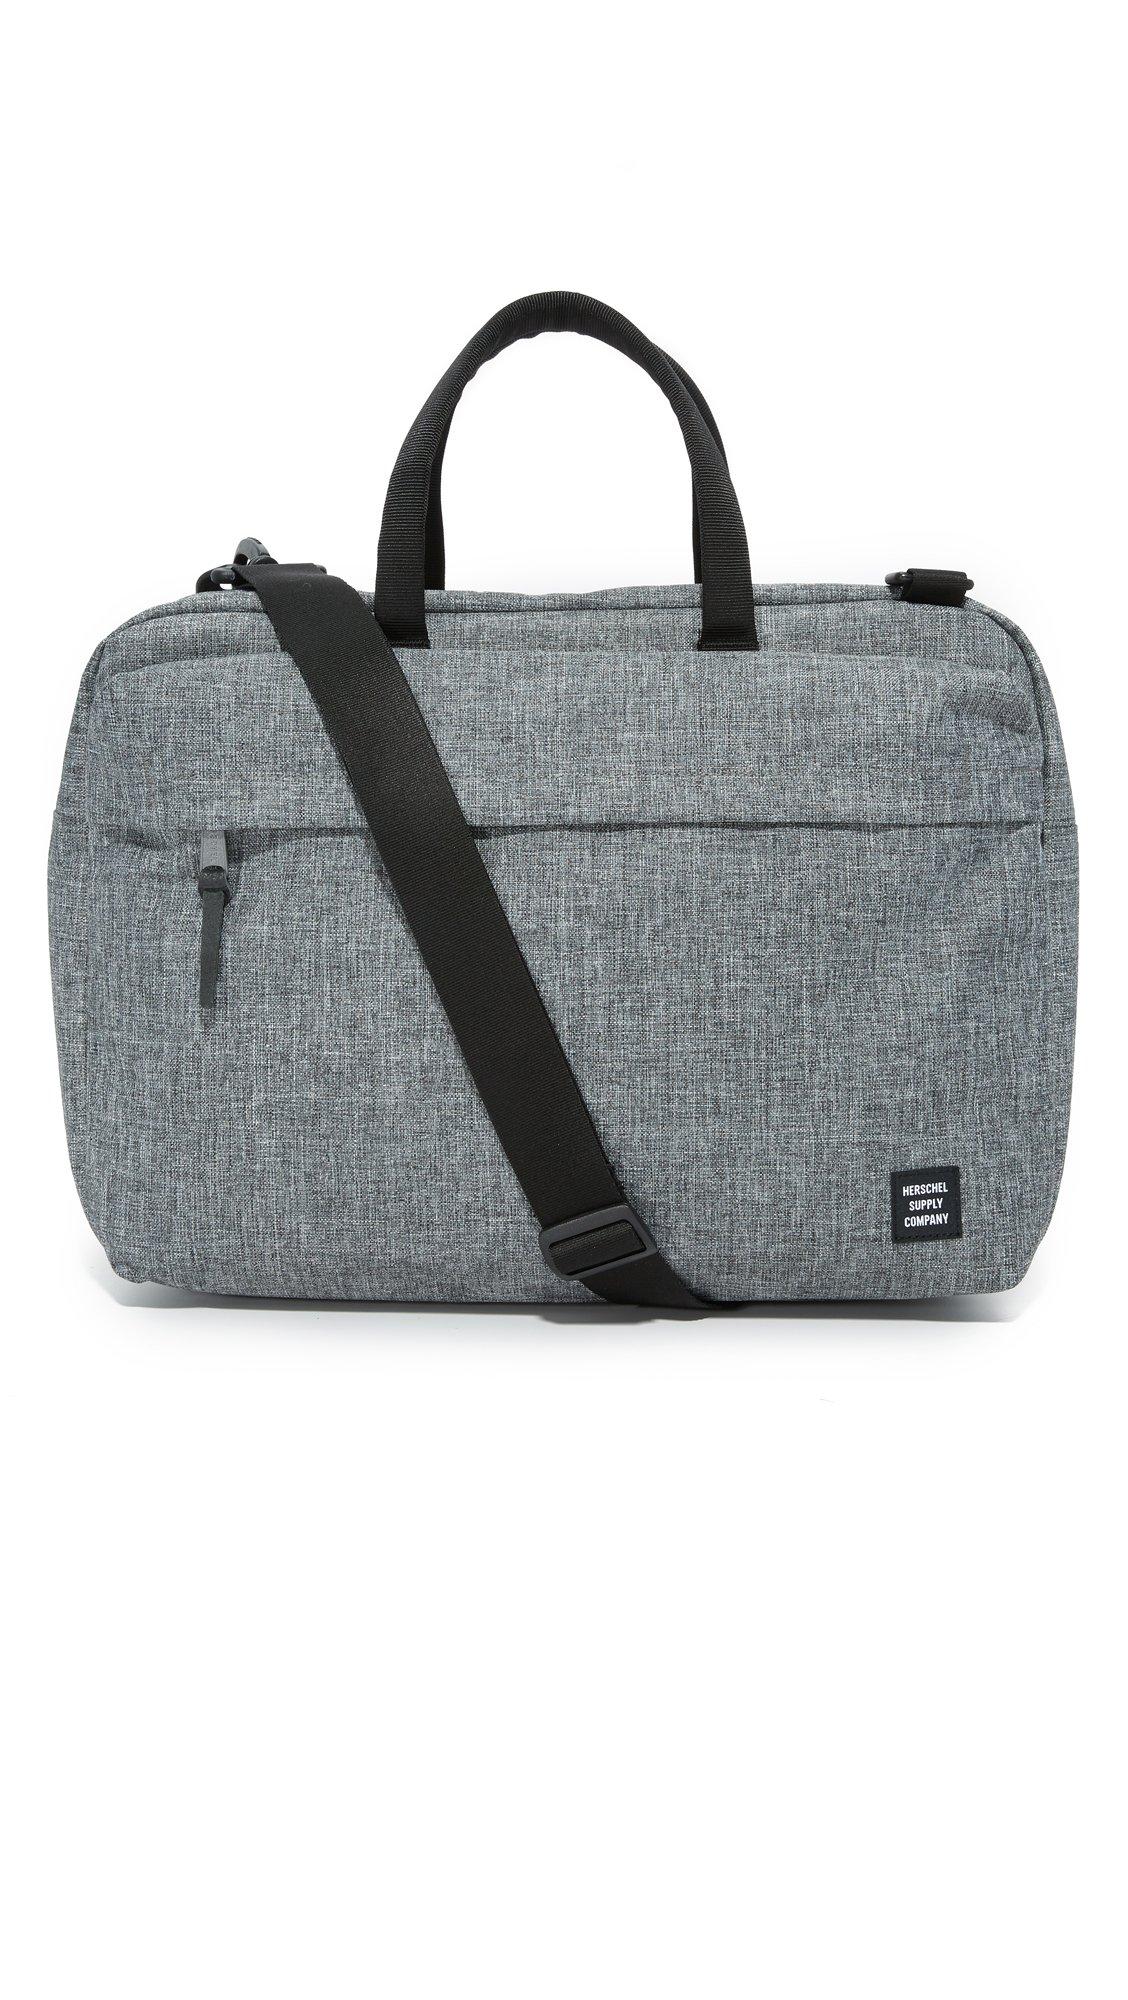 Herschel Supply Co. Sandford Messenger Bag, Raven Crosshatch